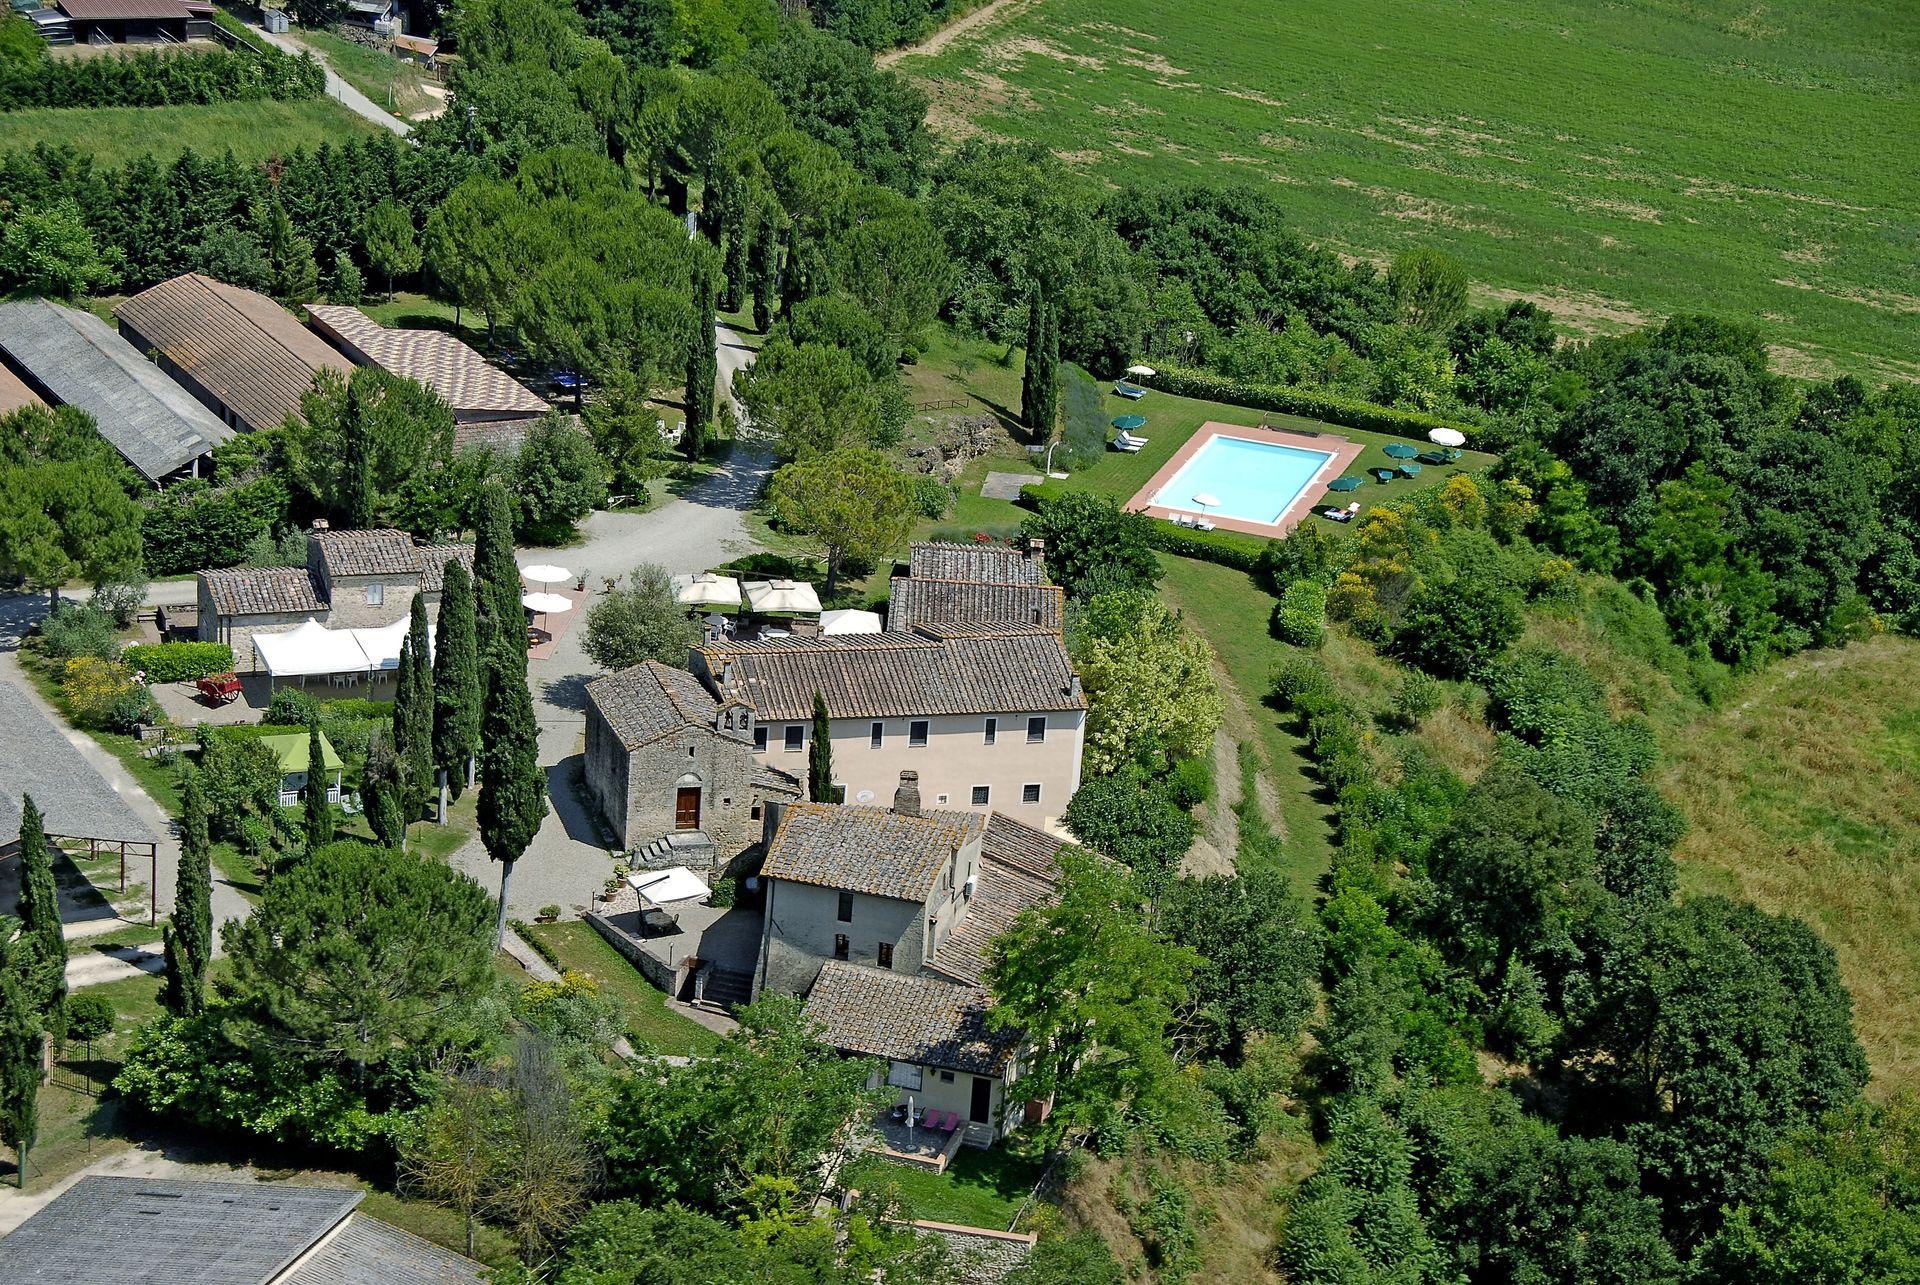 Antico borgo san lorenzo con 18 habitaciones con una capacidad de hasta 39 personas colle di - Piscina borgo san lorenzo ...